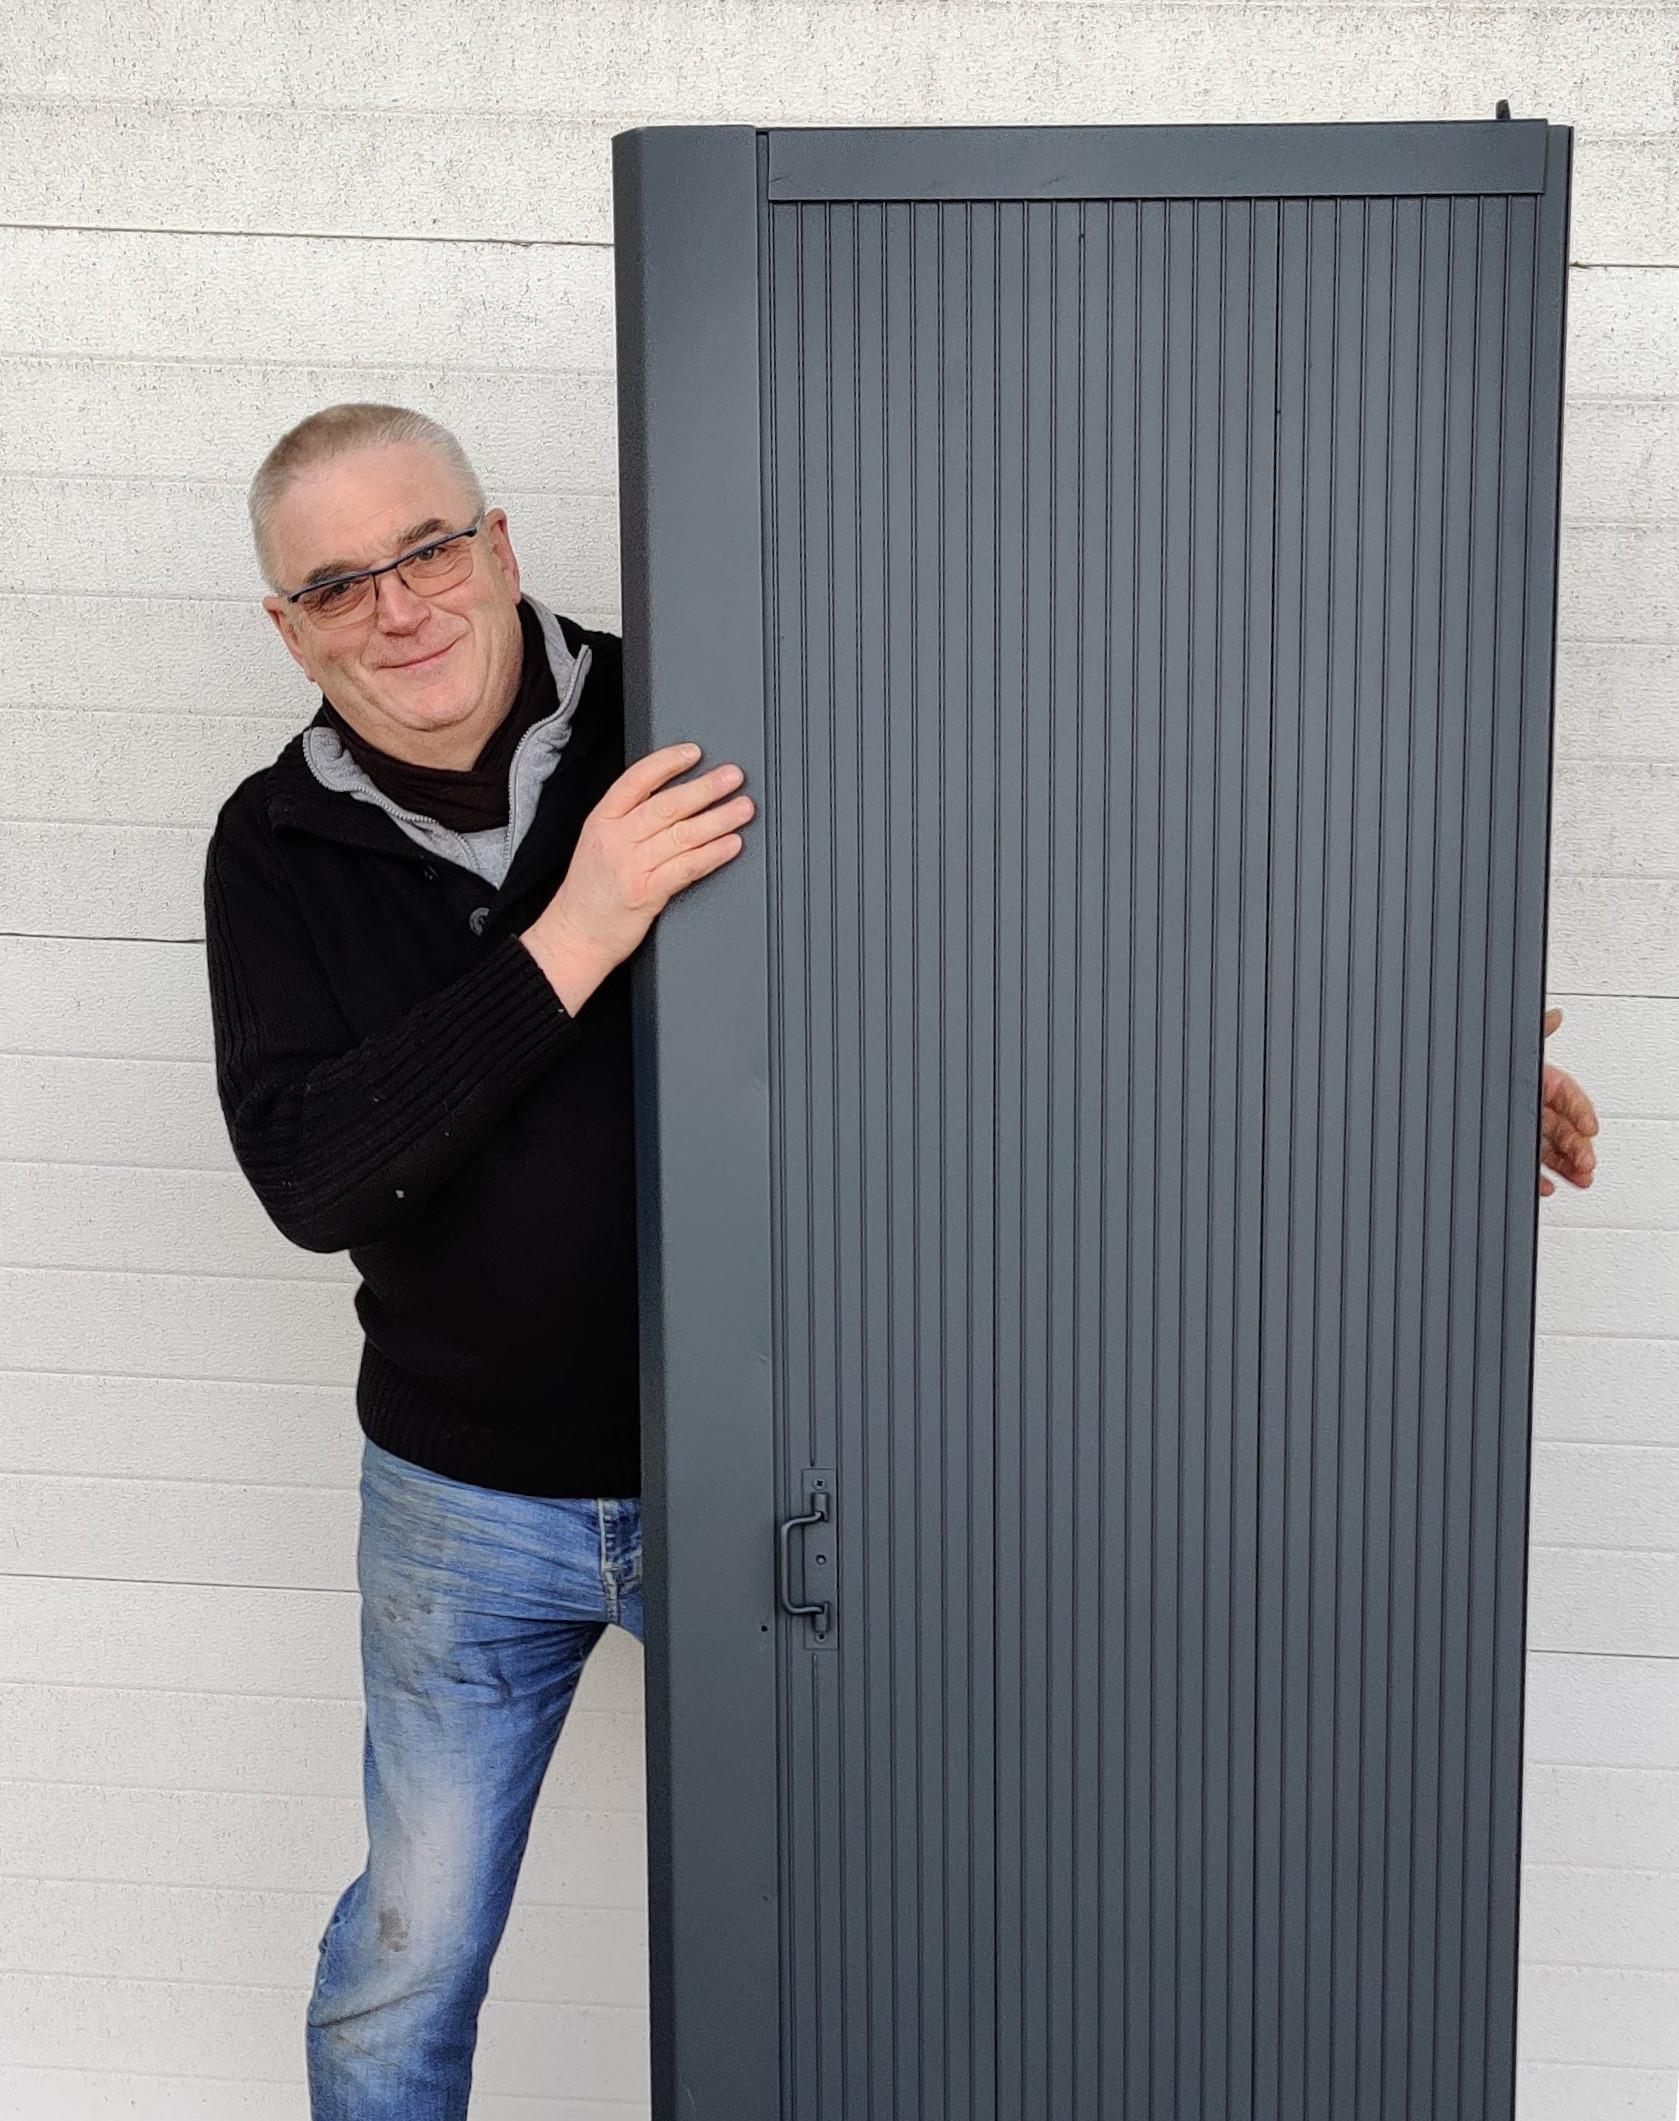 Présentation de la porte anti-squat Valgrind